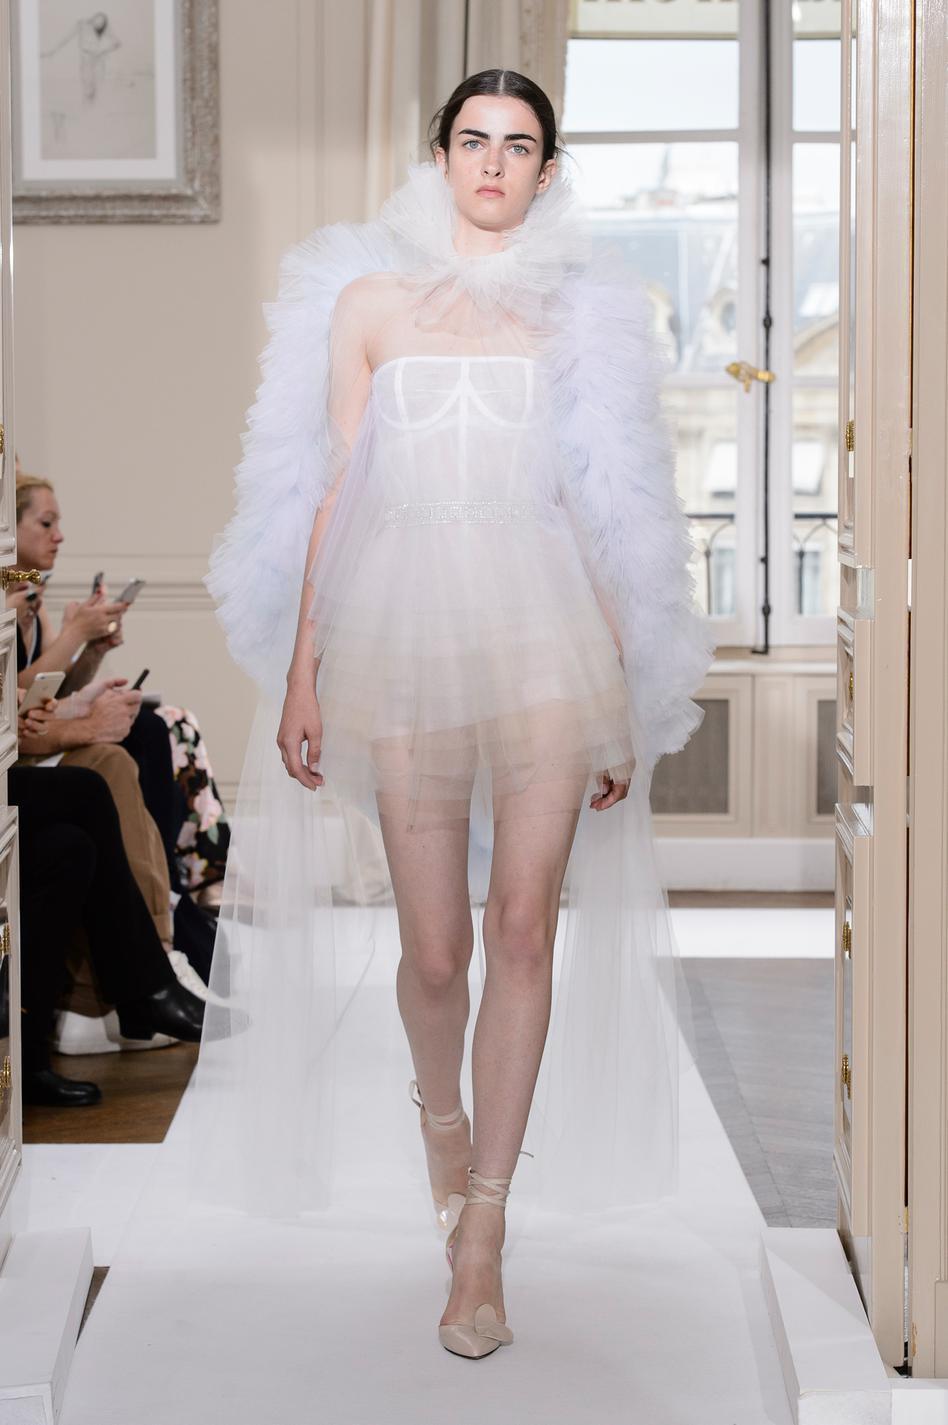 chanel dior schiaparelli les plus belles robes de mari e rep r es sur les podiums couture. Black Bedroom Furniture Sets. Home Design Ideas